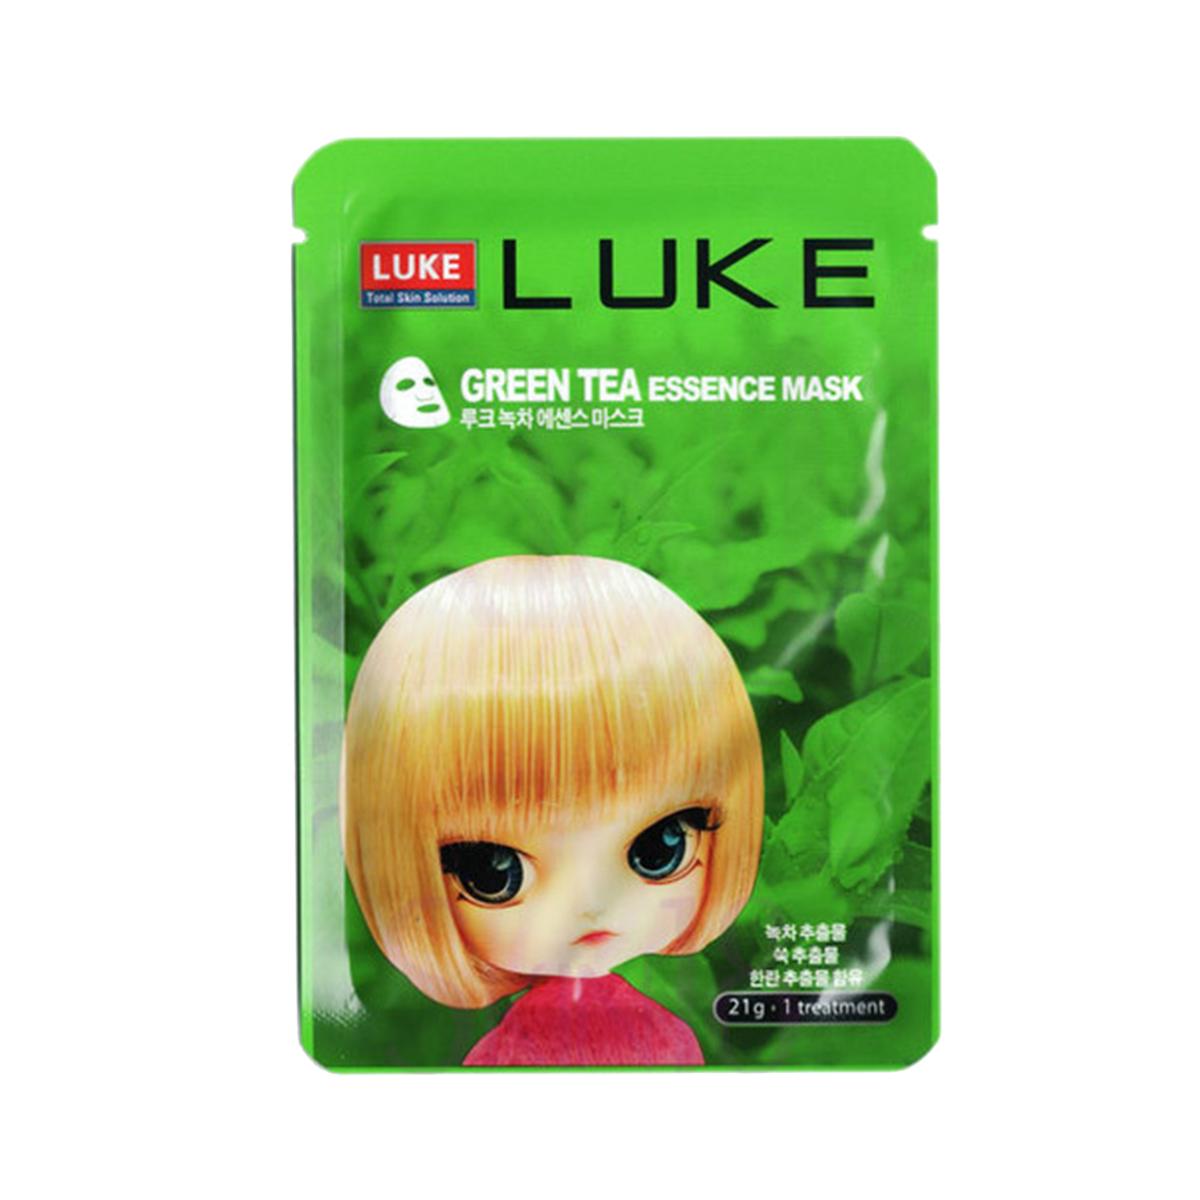 Luke Маска с экстрактом зеленого чая Green Tea Essence Mask 21 г929786Освежи свою кожу маской с экстрактом зеленого чая, которая увлажняет и делает кожу гладкой. Способ применения: на очищенную кожу лица, нанести маску и оставить на 20-30 минут. Затем снять маску, а остатки геля легкими движениями распределить на лицо. Меры предосторожности: Хранить в недоступном для детей месте. Избегать контакта с глазами. Срок годности после вскрытия 1 день.